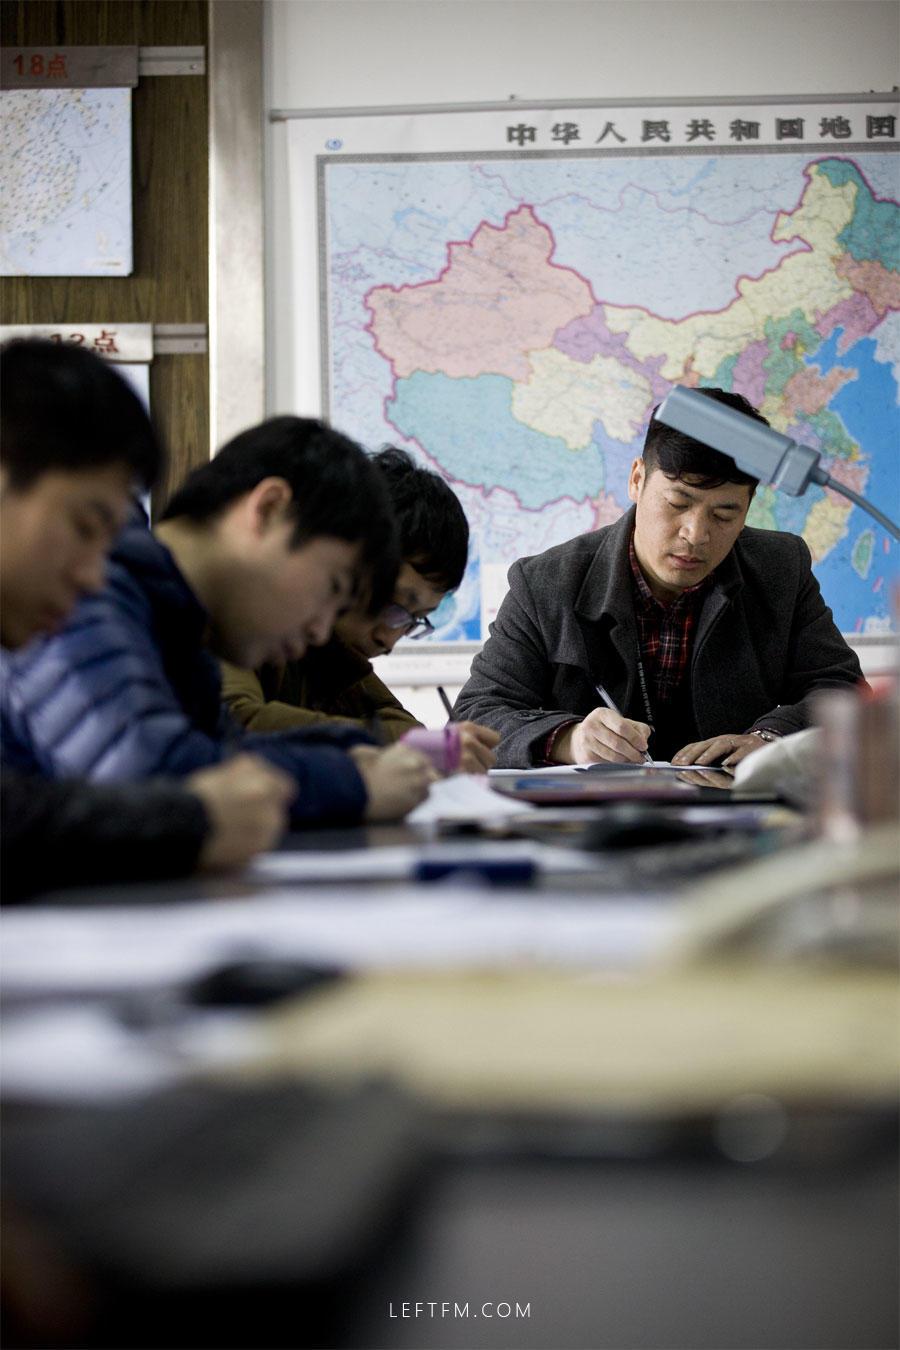 3月16日,王亚林正在参加气象理论知识考试。每季度,机场要组织气象人员进行理论知识考试,以检验知识掌握程度。